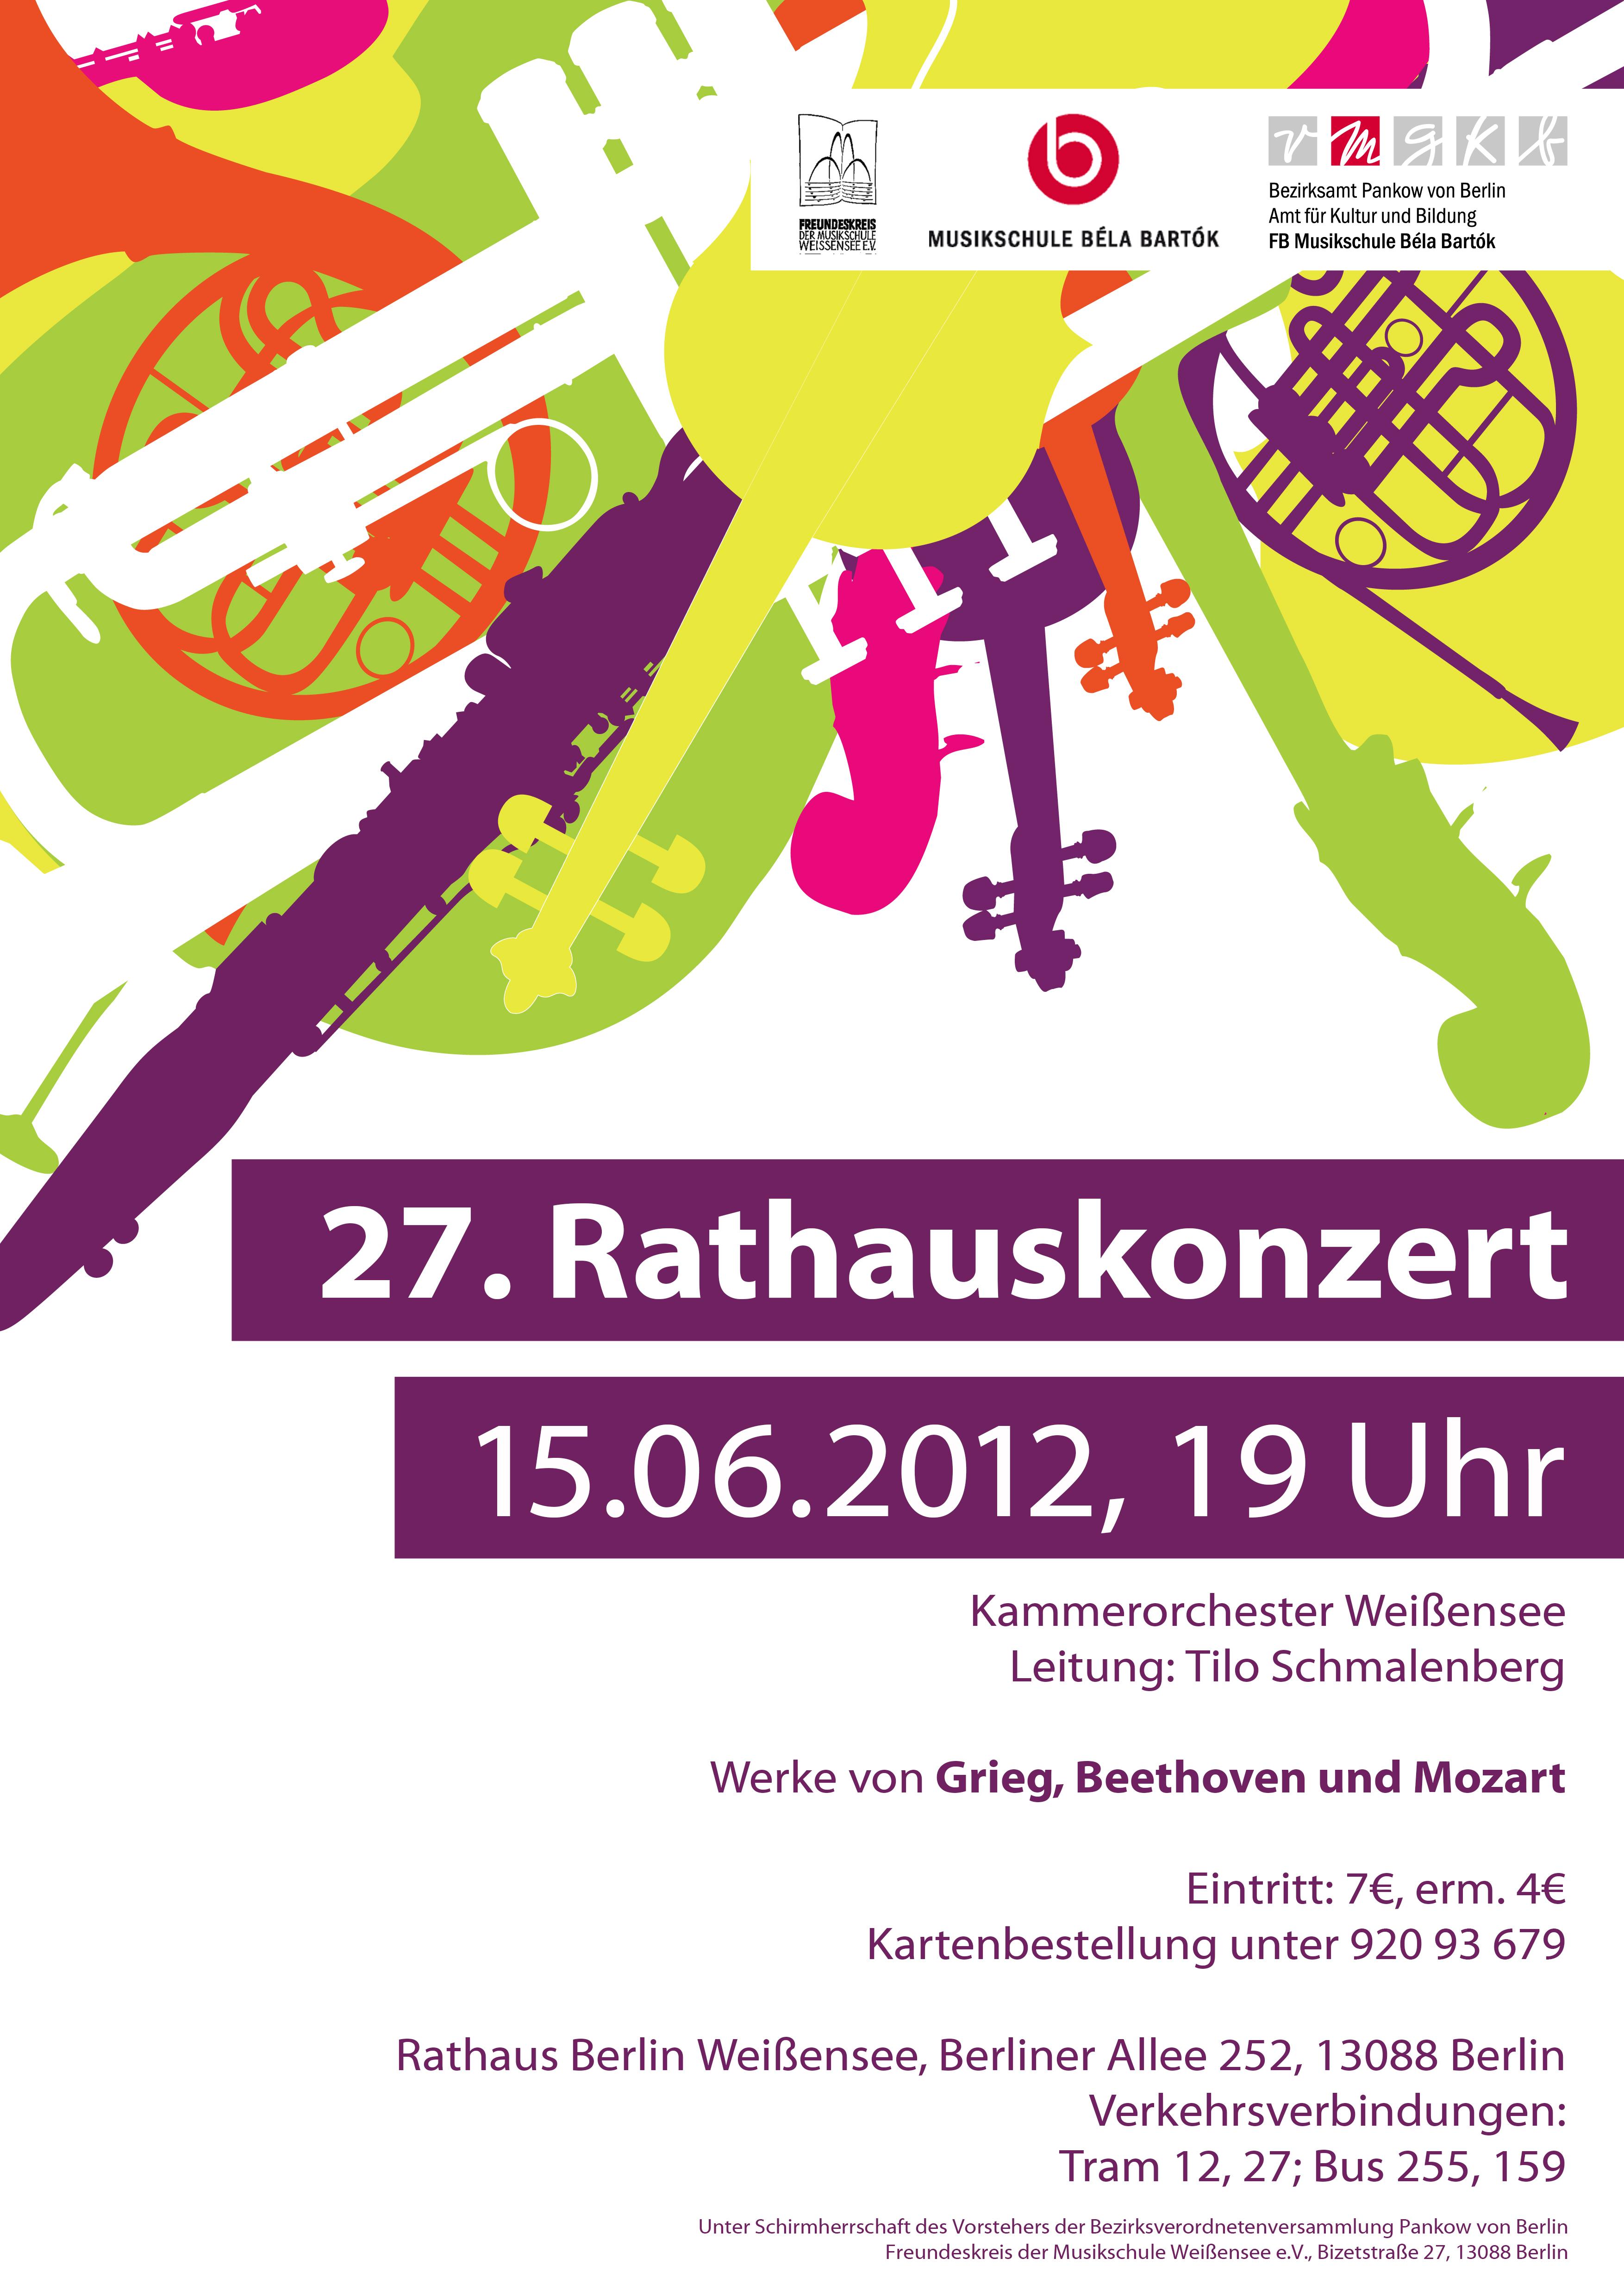 27. Rathauskonzert